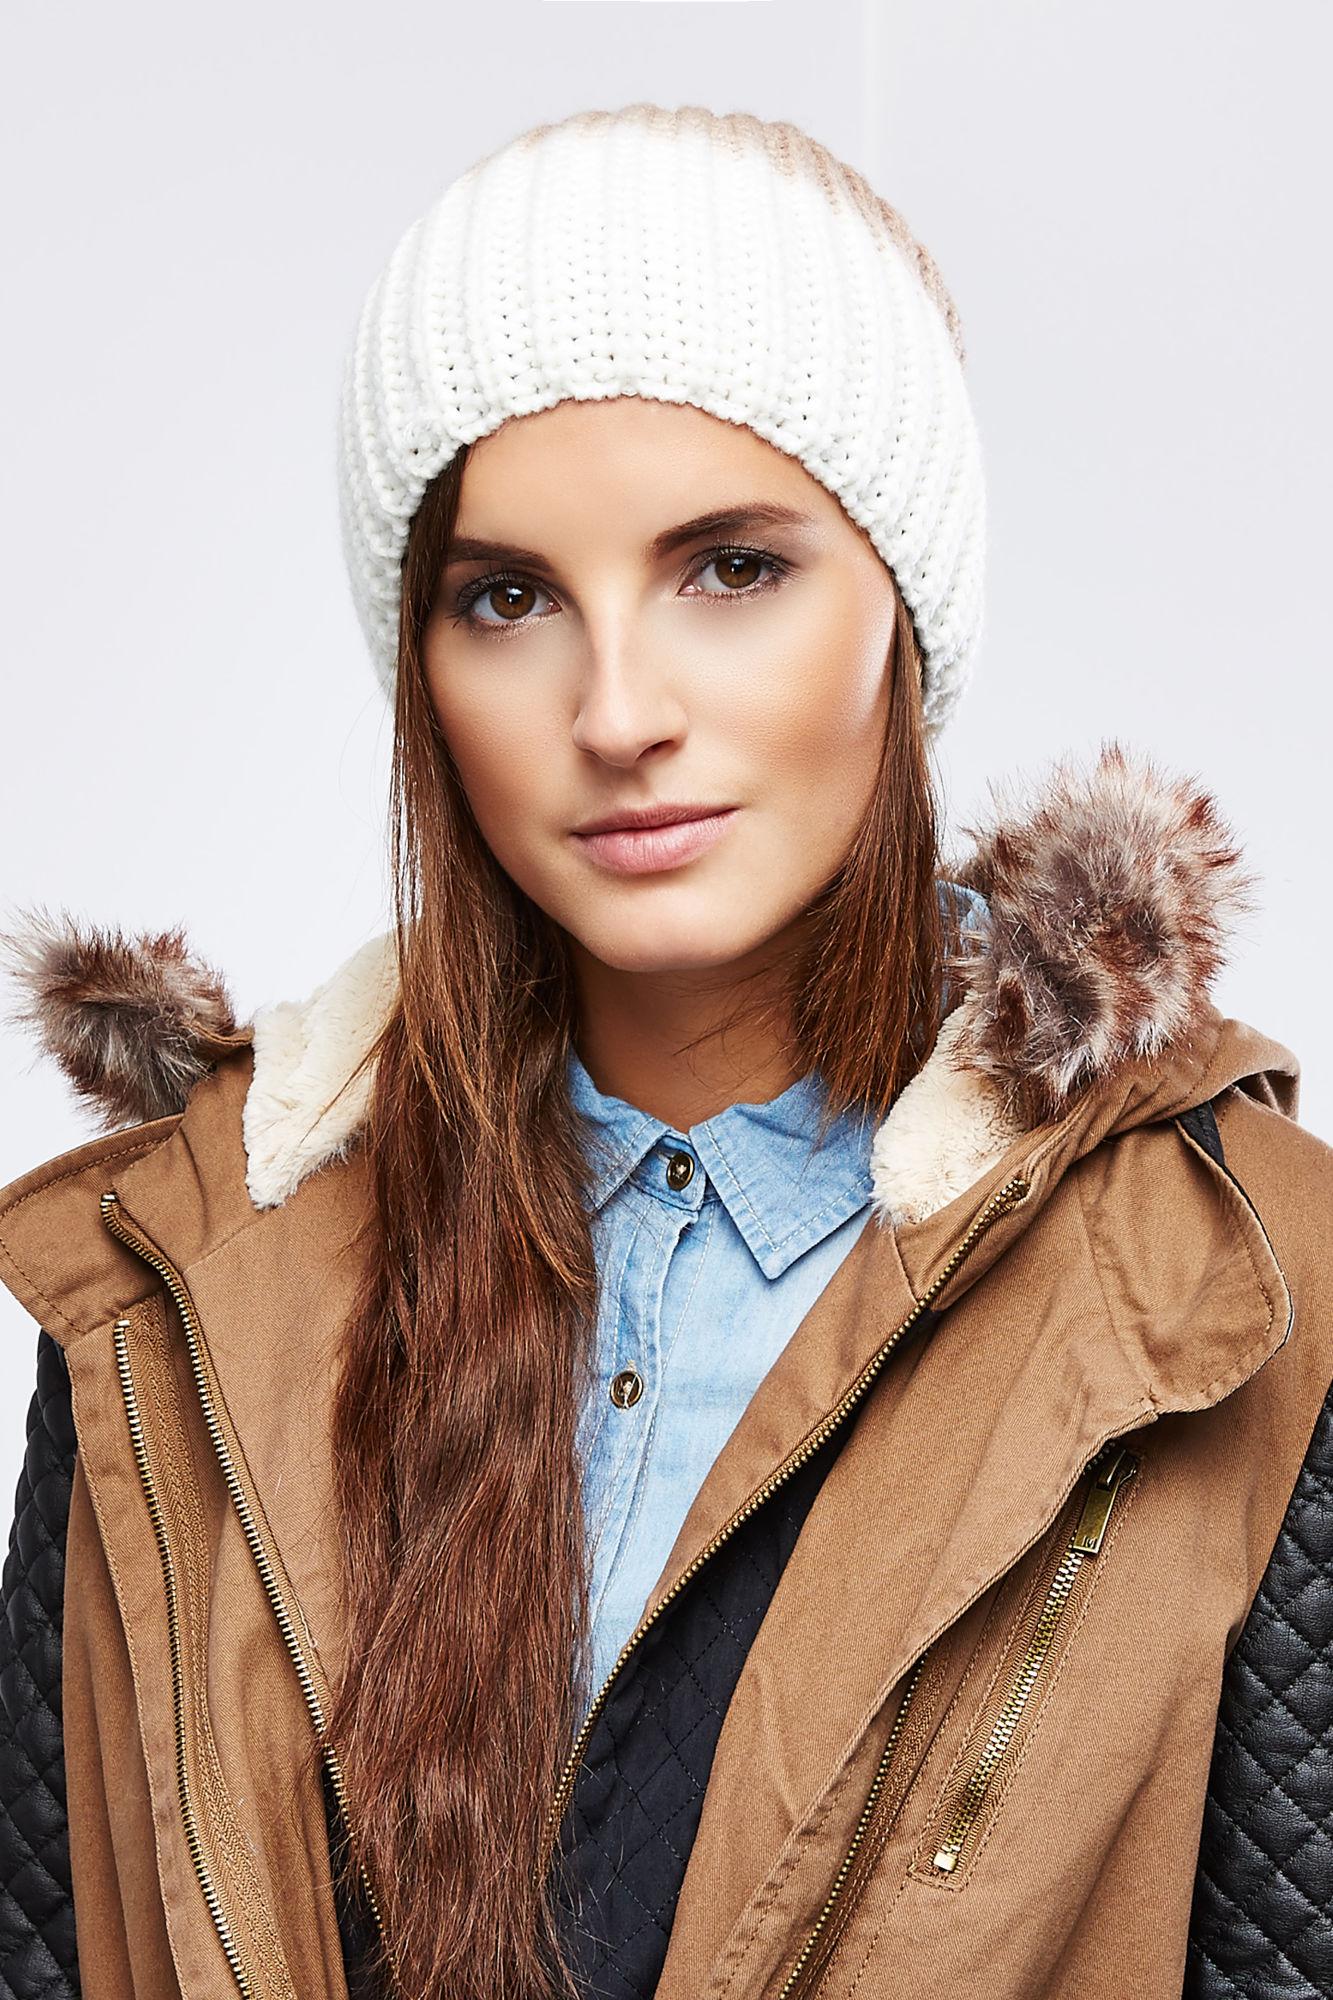 Шапка женская. Z-CZ-1803Z-CZ-1803 BEIGEСтильная женская шапка Moodo дополнит ваш наряд и не позволит вам замерзнуть в холодное время года. Шапка выполнена из высококачественной комбинированной пряжи из акрила, что позволяет ей великолепно сохранять тепло и обеспечивает высокую эластичность и удобство посадки. Шапка крупной вязки оформлена контрастным цветовым решением. Такая шапка станет модным и стильным дополнением вашего зимнего гардероба, великолепно подойдет для активного отдыха и занятия спортом. Она согреет вас и позволит подчеркнуть свою индивидуальность!